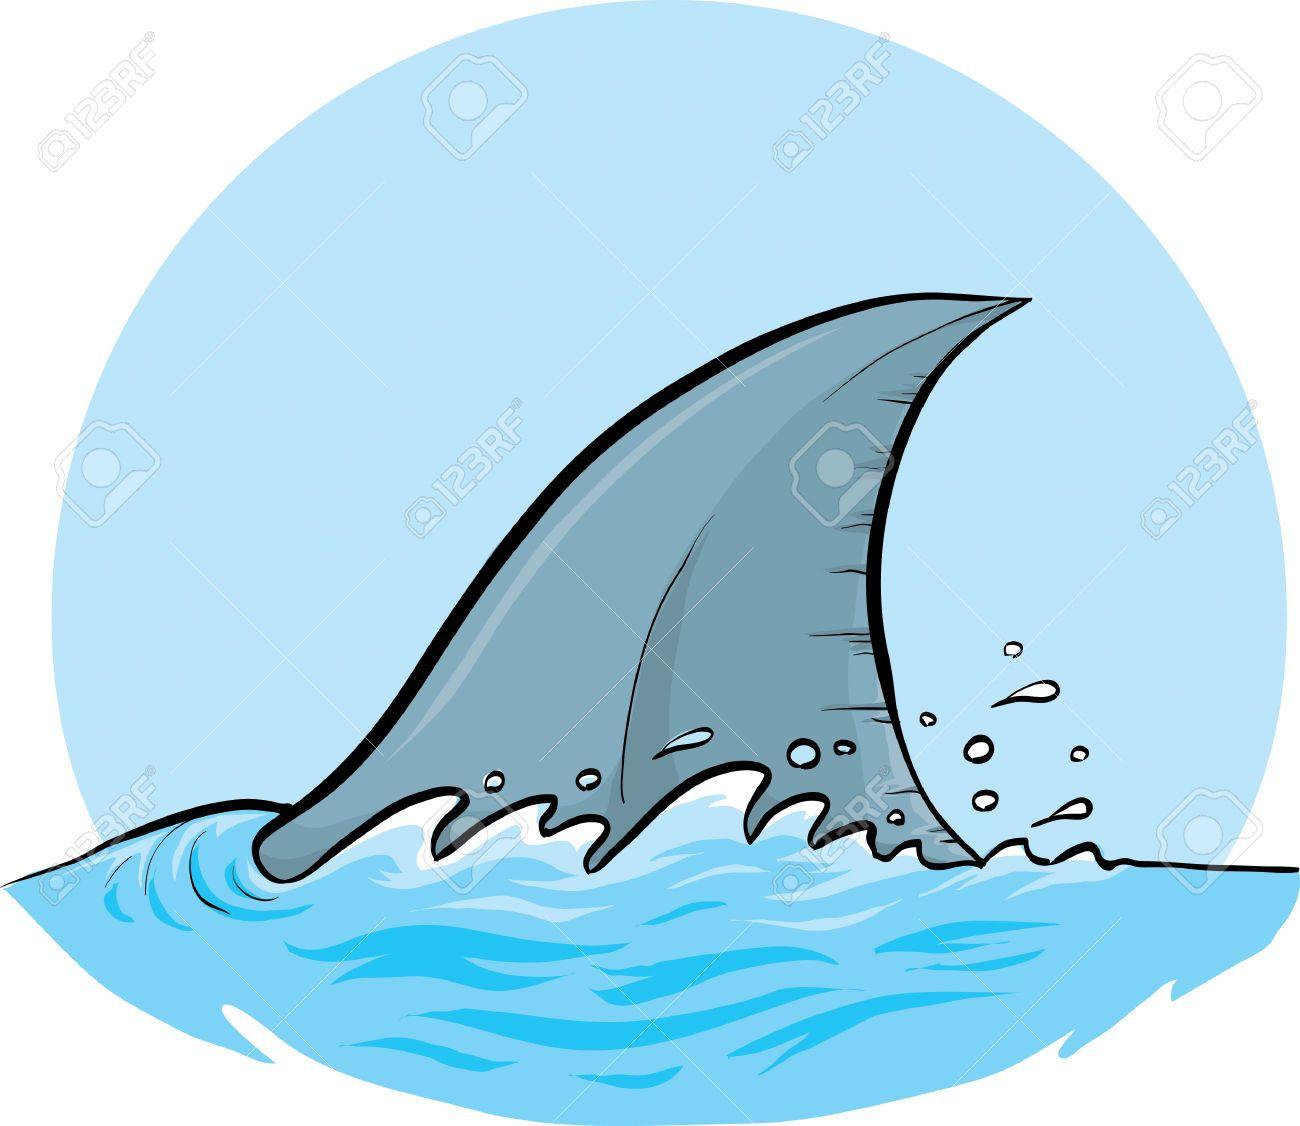 Fdd1d769ac9c7dc6e161d8aaceeabaaf Jpg 1300 1126 Aleta De Tiburon Dibujo De Tiburon Aleta